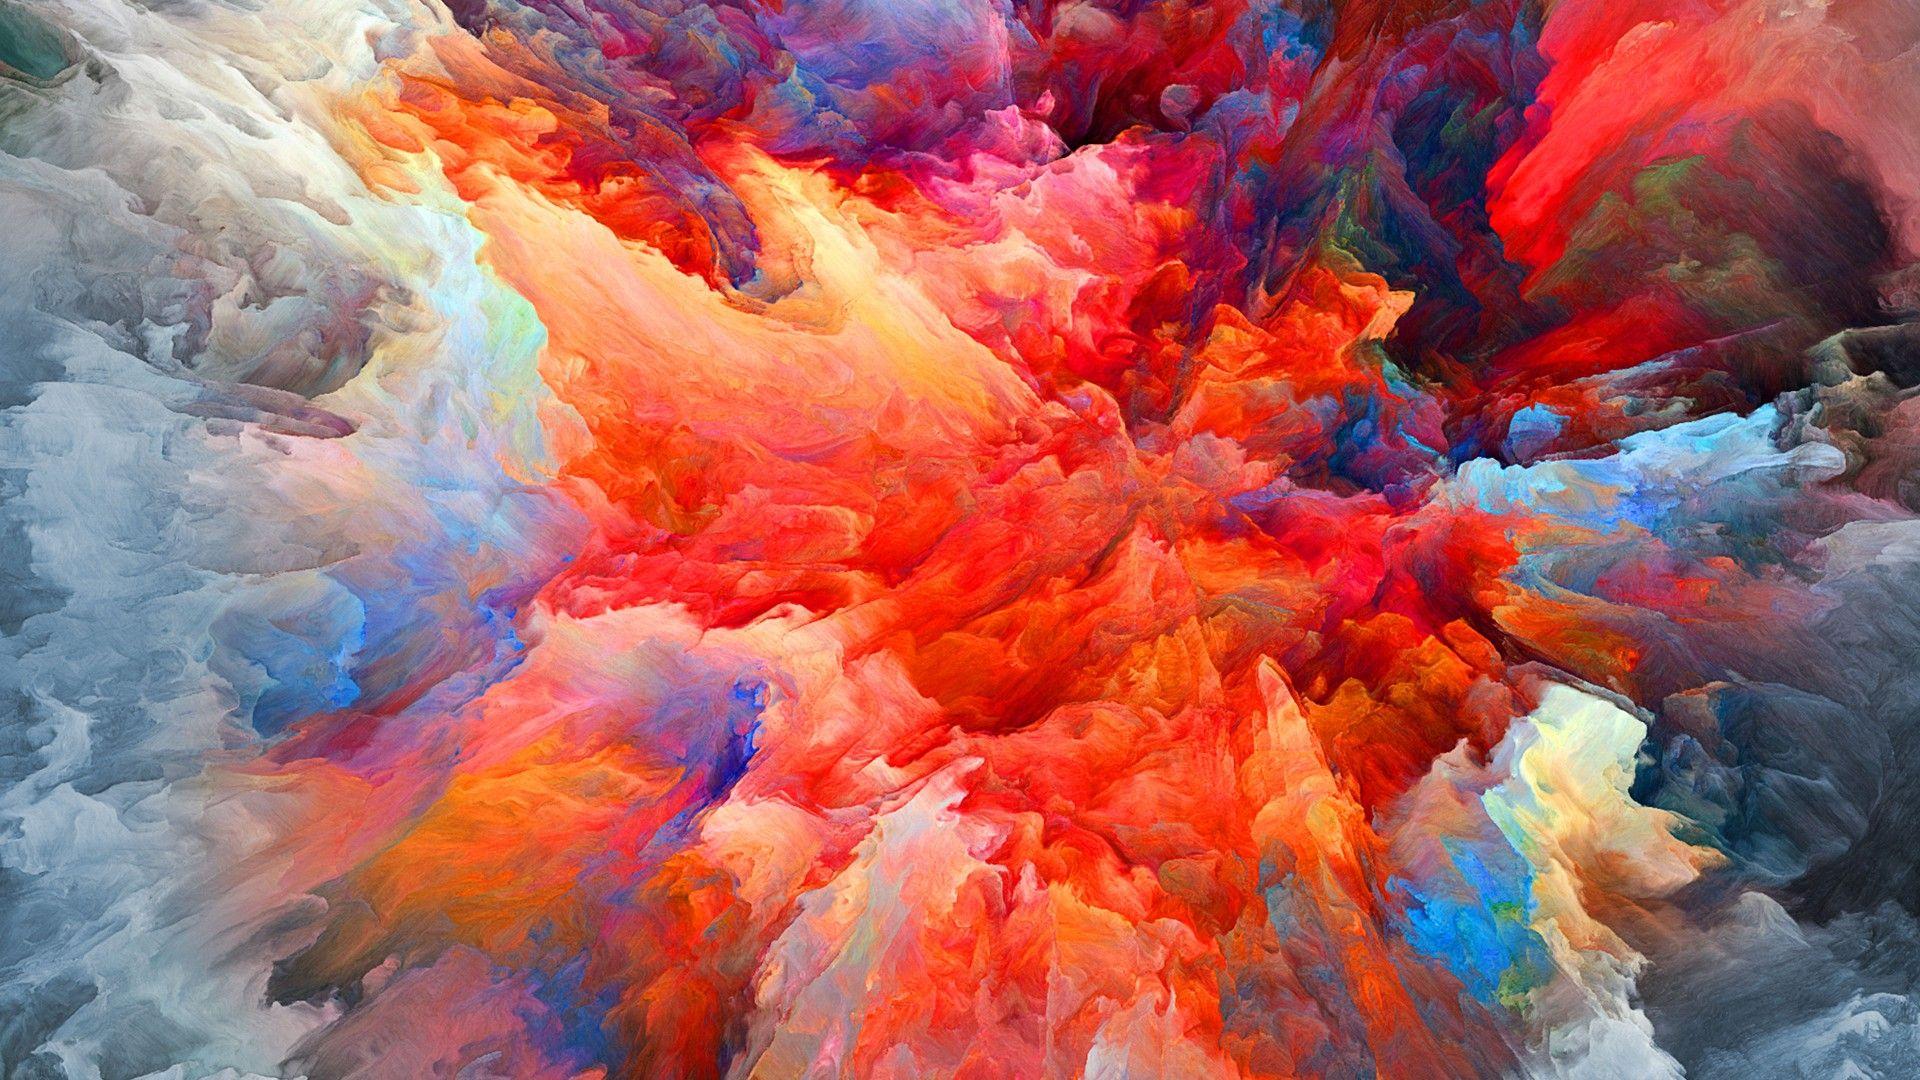 Sfondi Desktop Quadri I quadri impressionisti furono inventati da pino buzzicone che li dipinse per primo all'inizio della storia dell'arte impressionista.